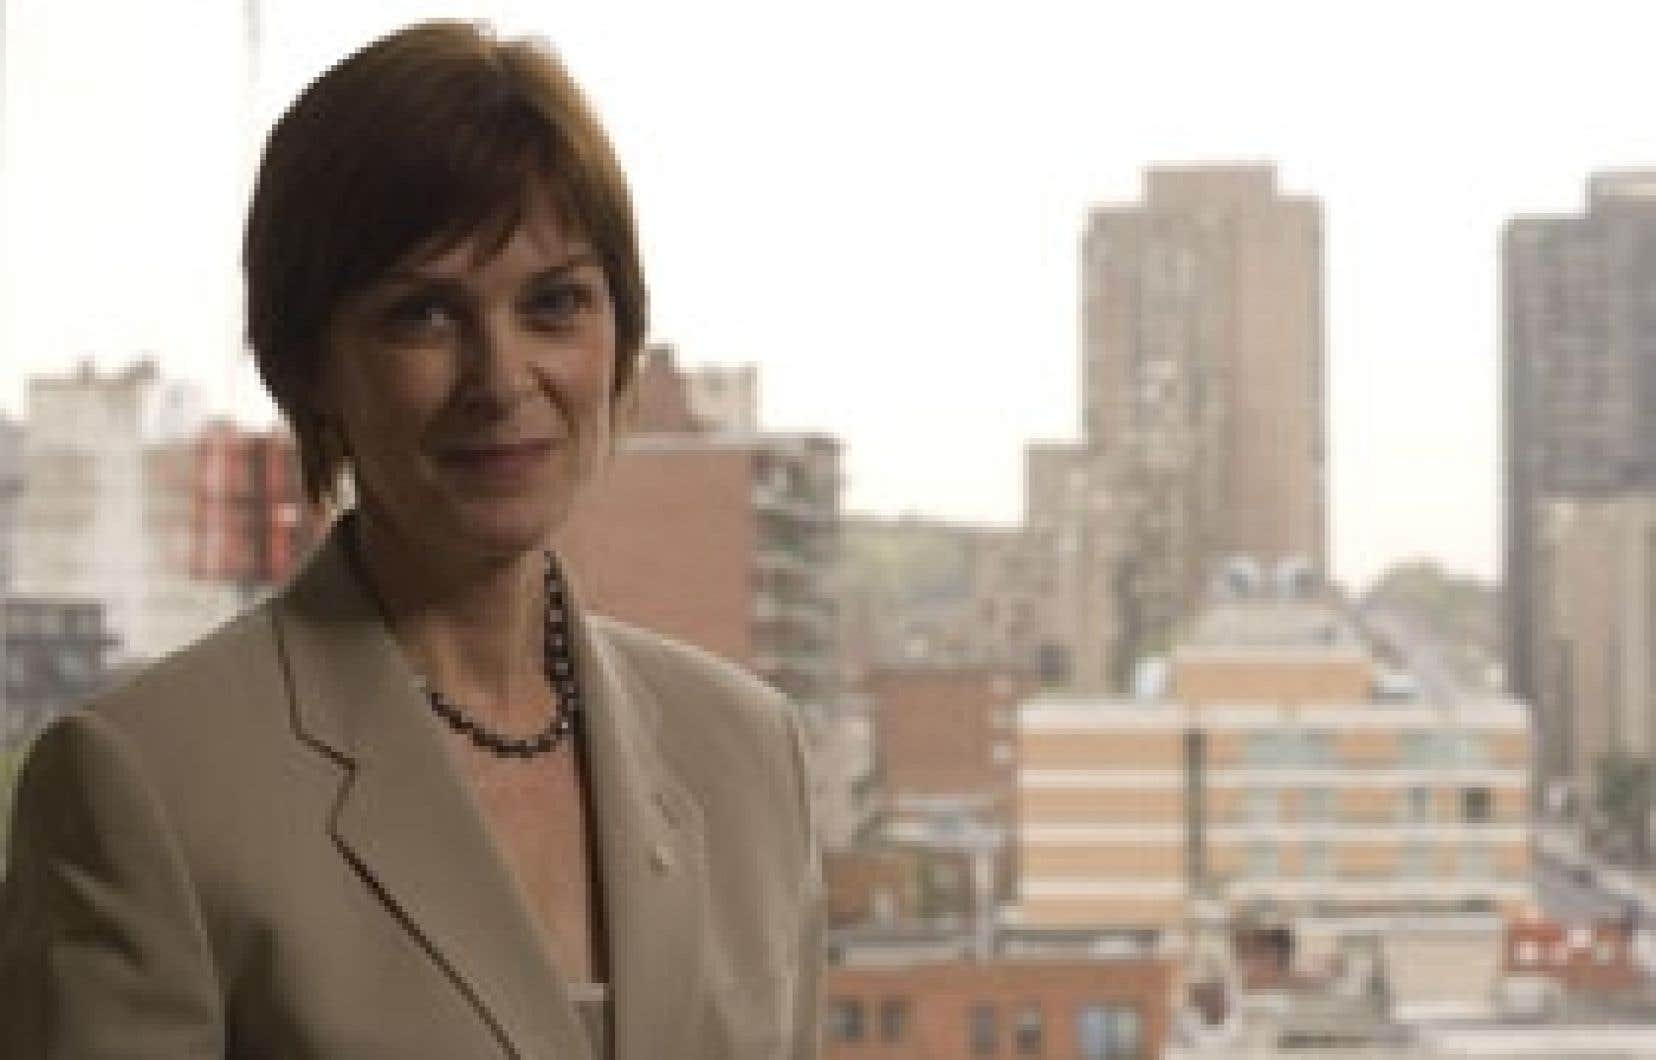 Heather Munroe-Blum, principale et vice-chancelière de l'université McGill, préside la Conférence des recteurs et des prin-cipaux des universités du Québec.